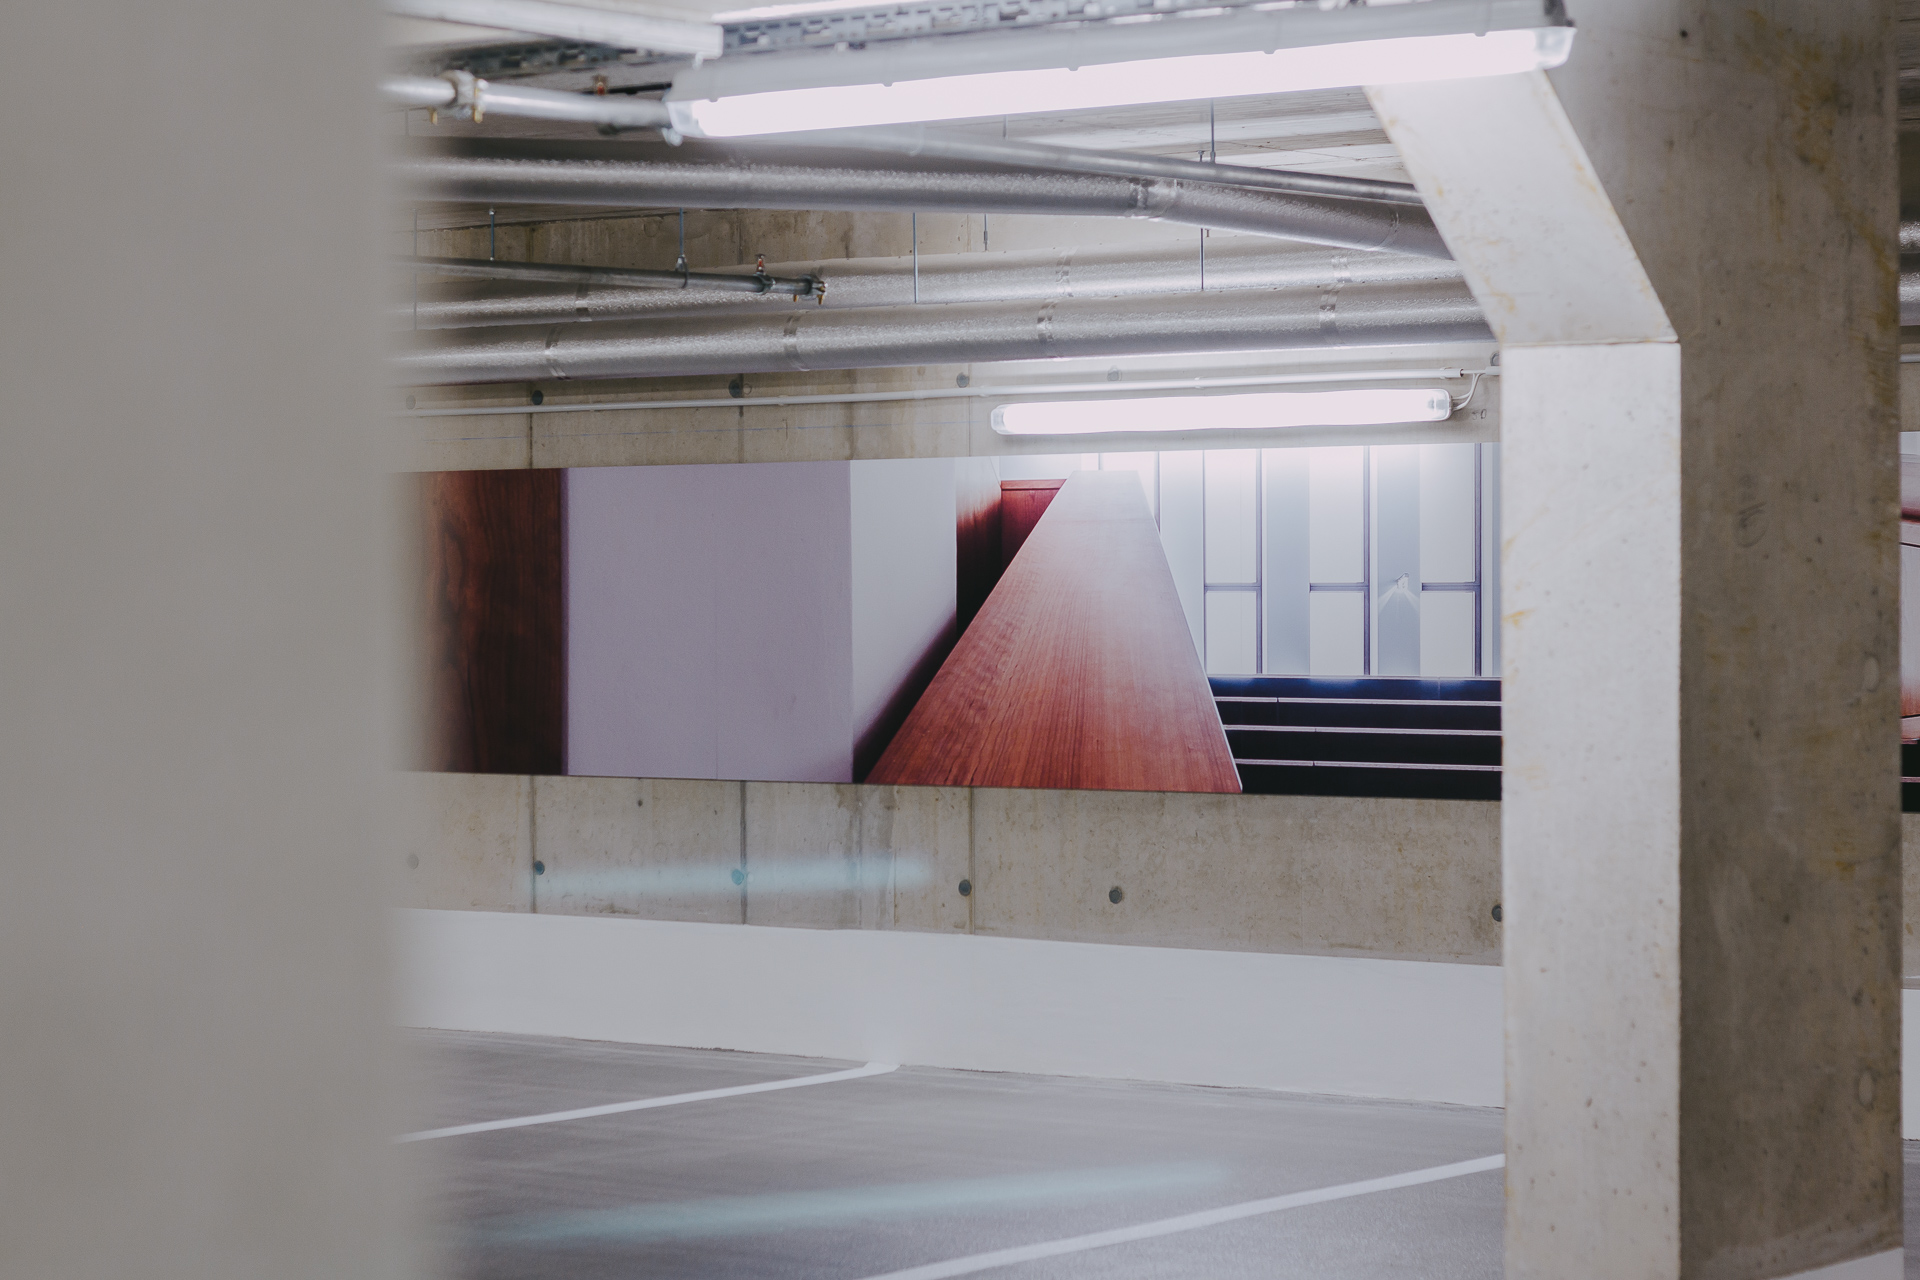 20121228_Stadthalle_Reutlingen_Tiefgarage_Motive_000000165